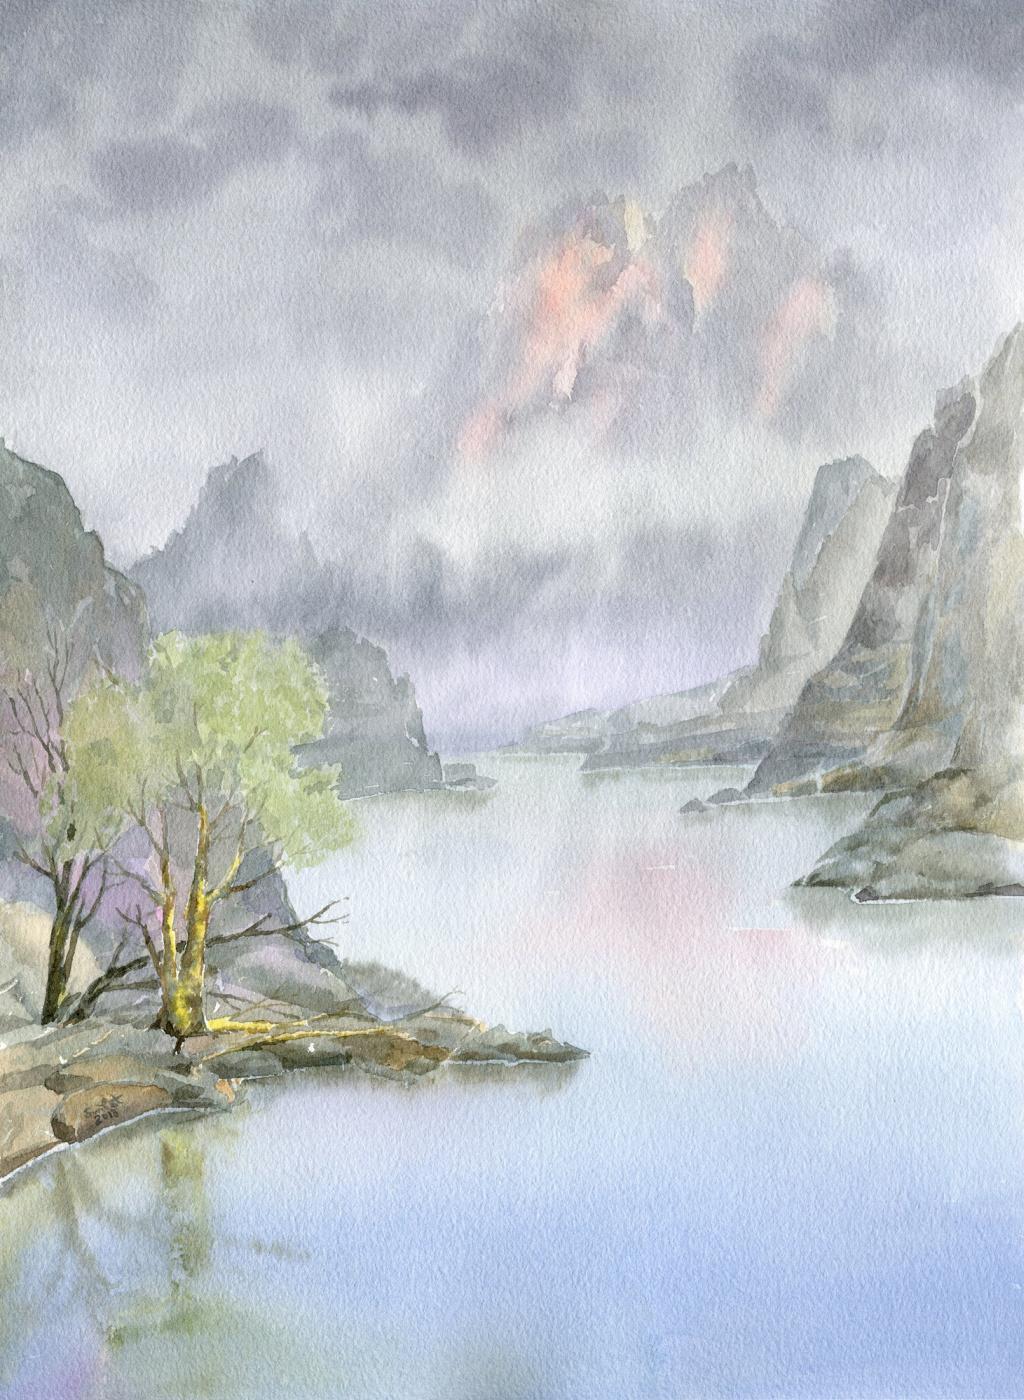 Smbat Arayevich Bagdasaryan. Lake